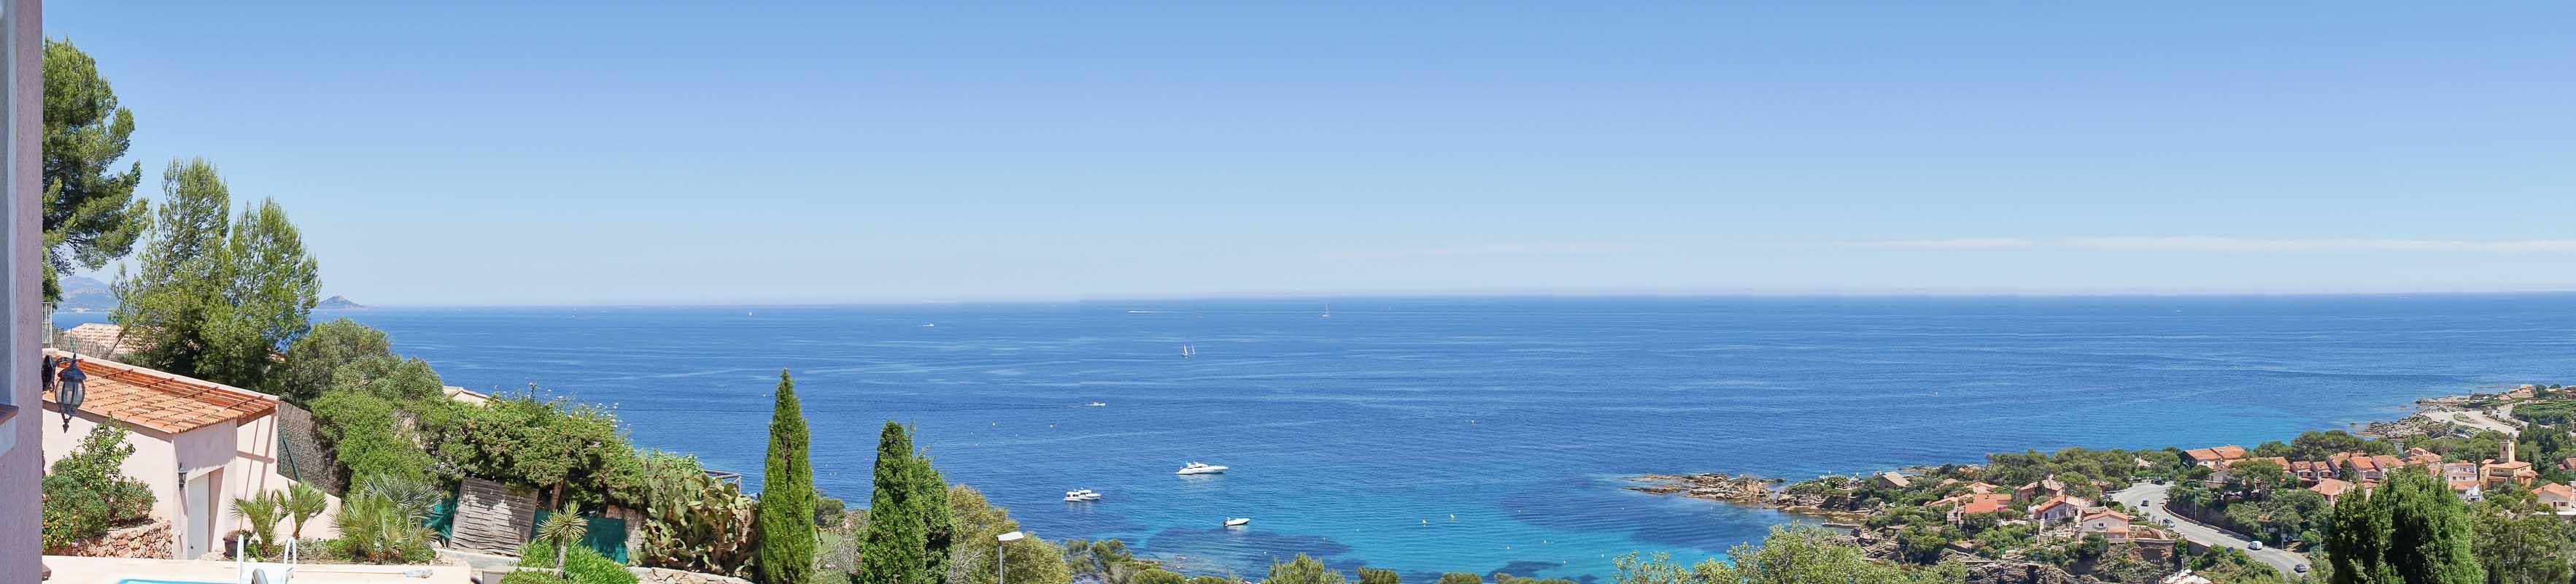 Meerblick vom Balkon des Hauses Dolmens in Les Issambres auf den Golf von Frejus an der Cote d Azur in Südfrankreich